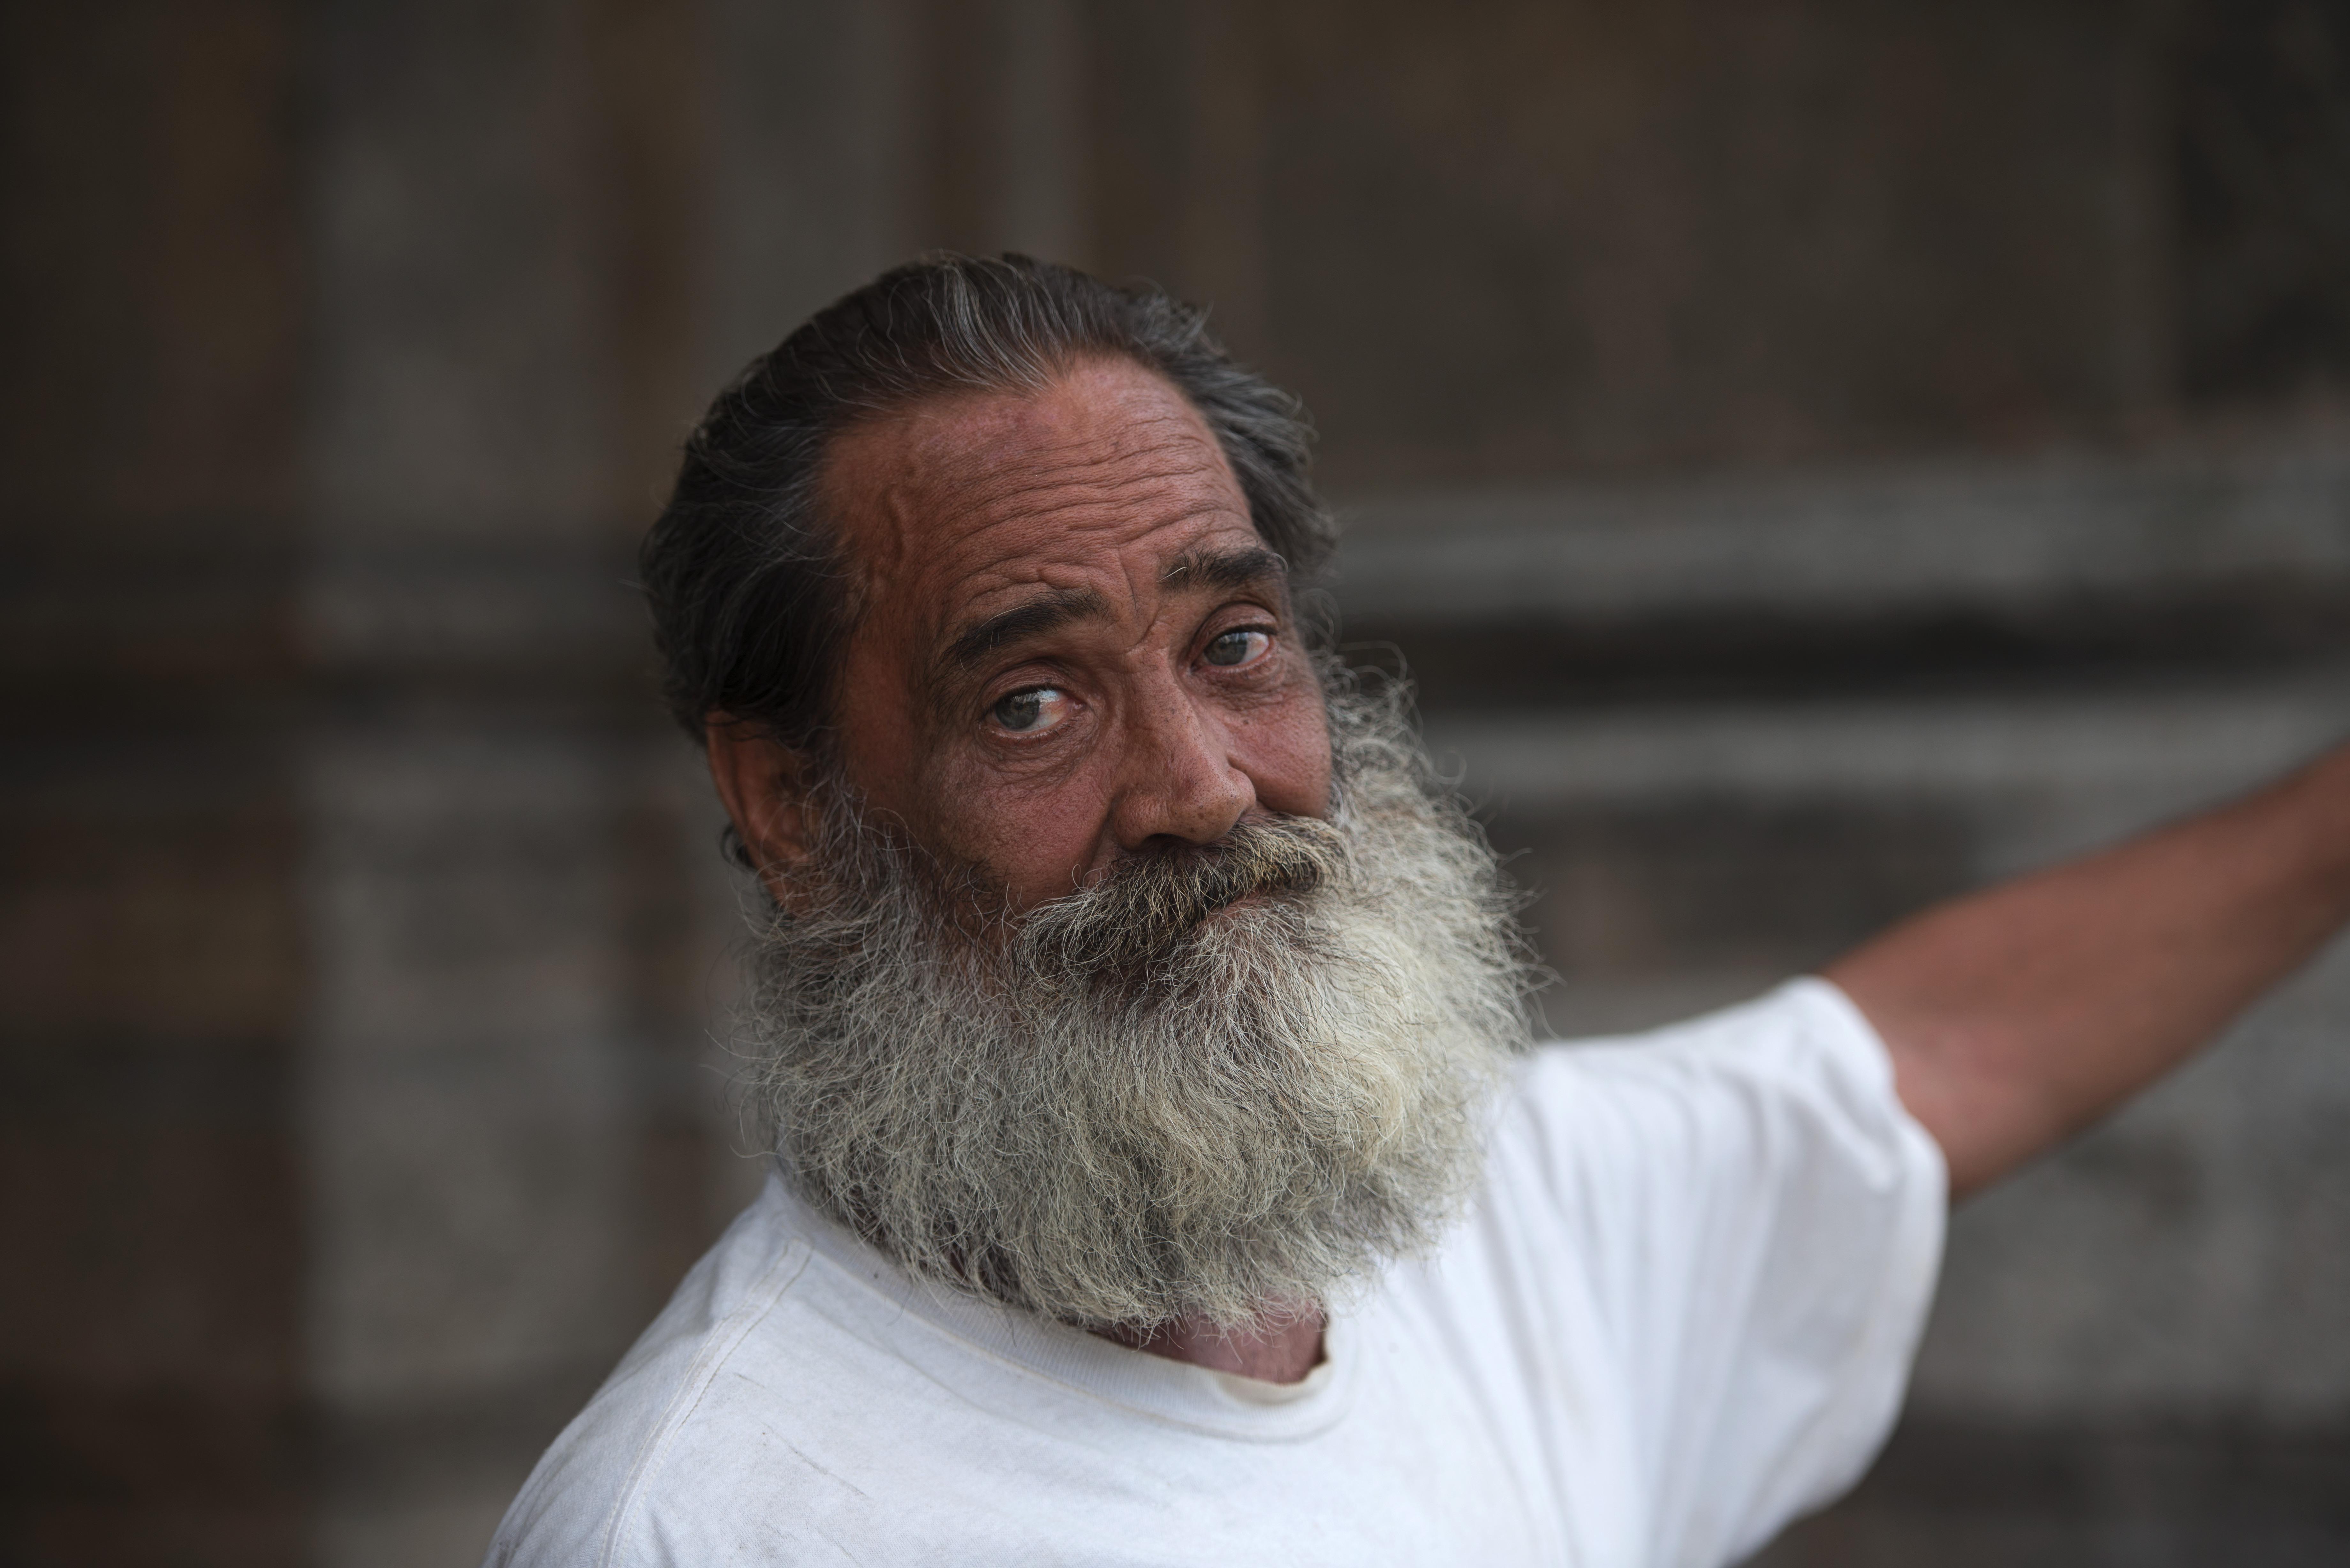 Habana Actor